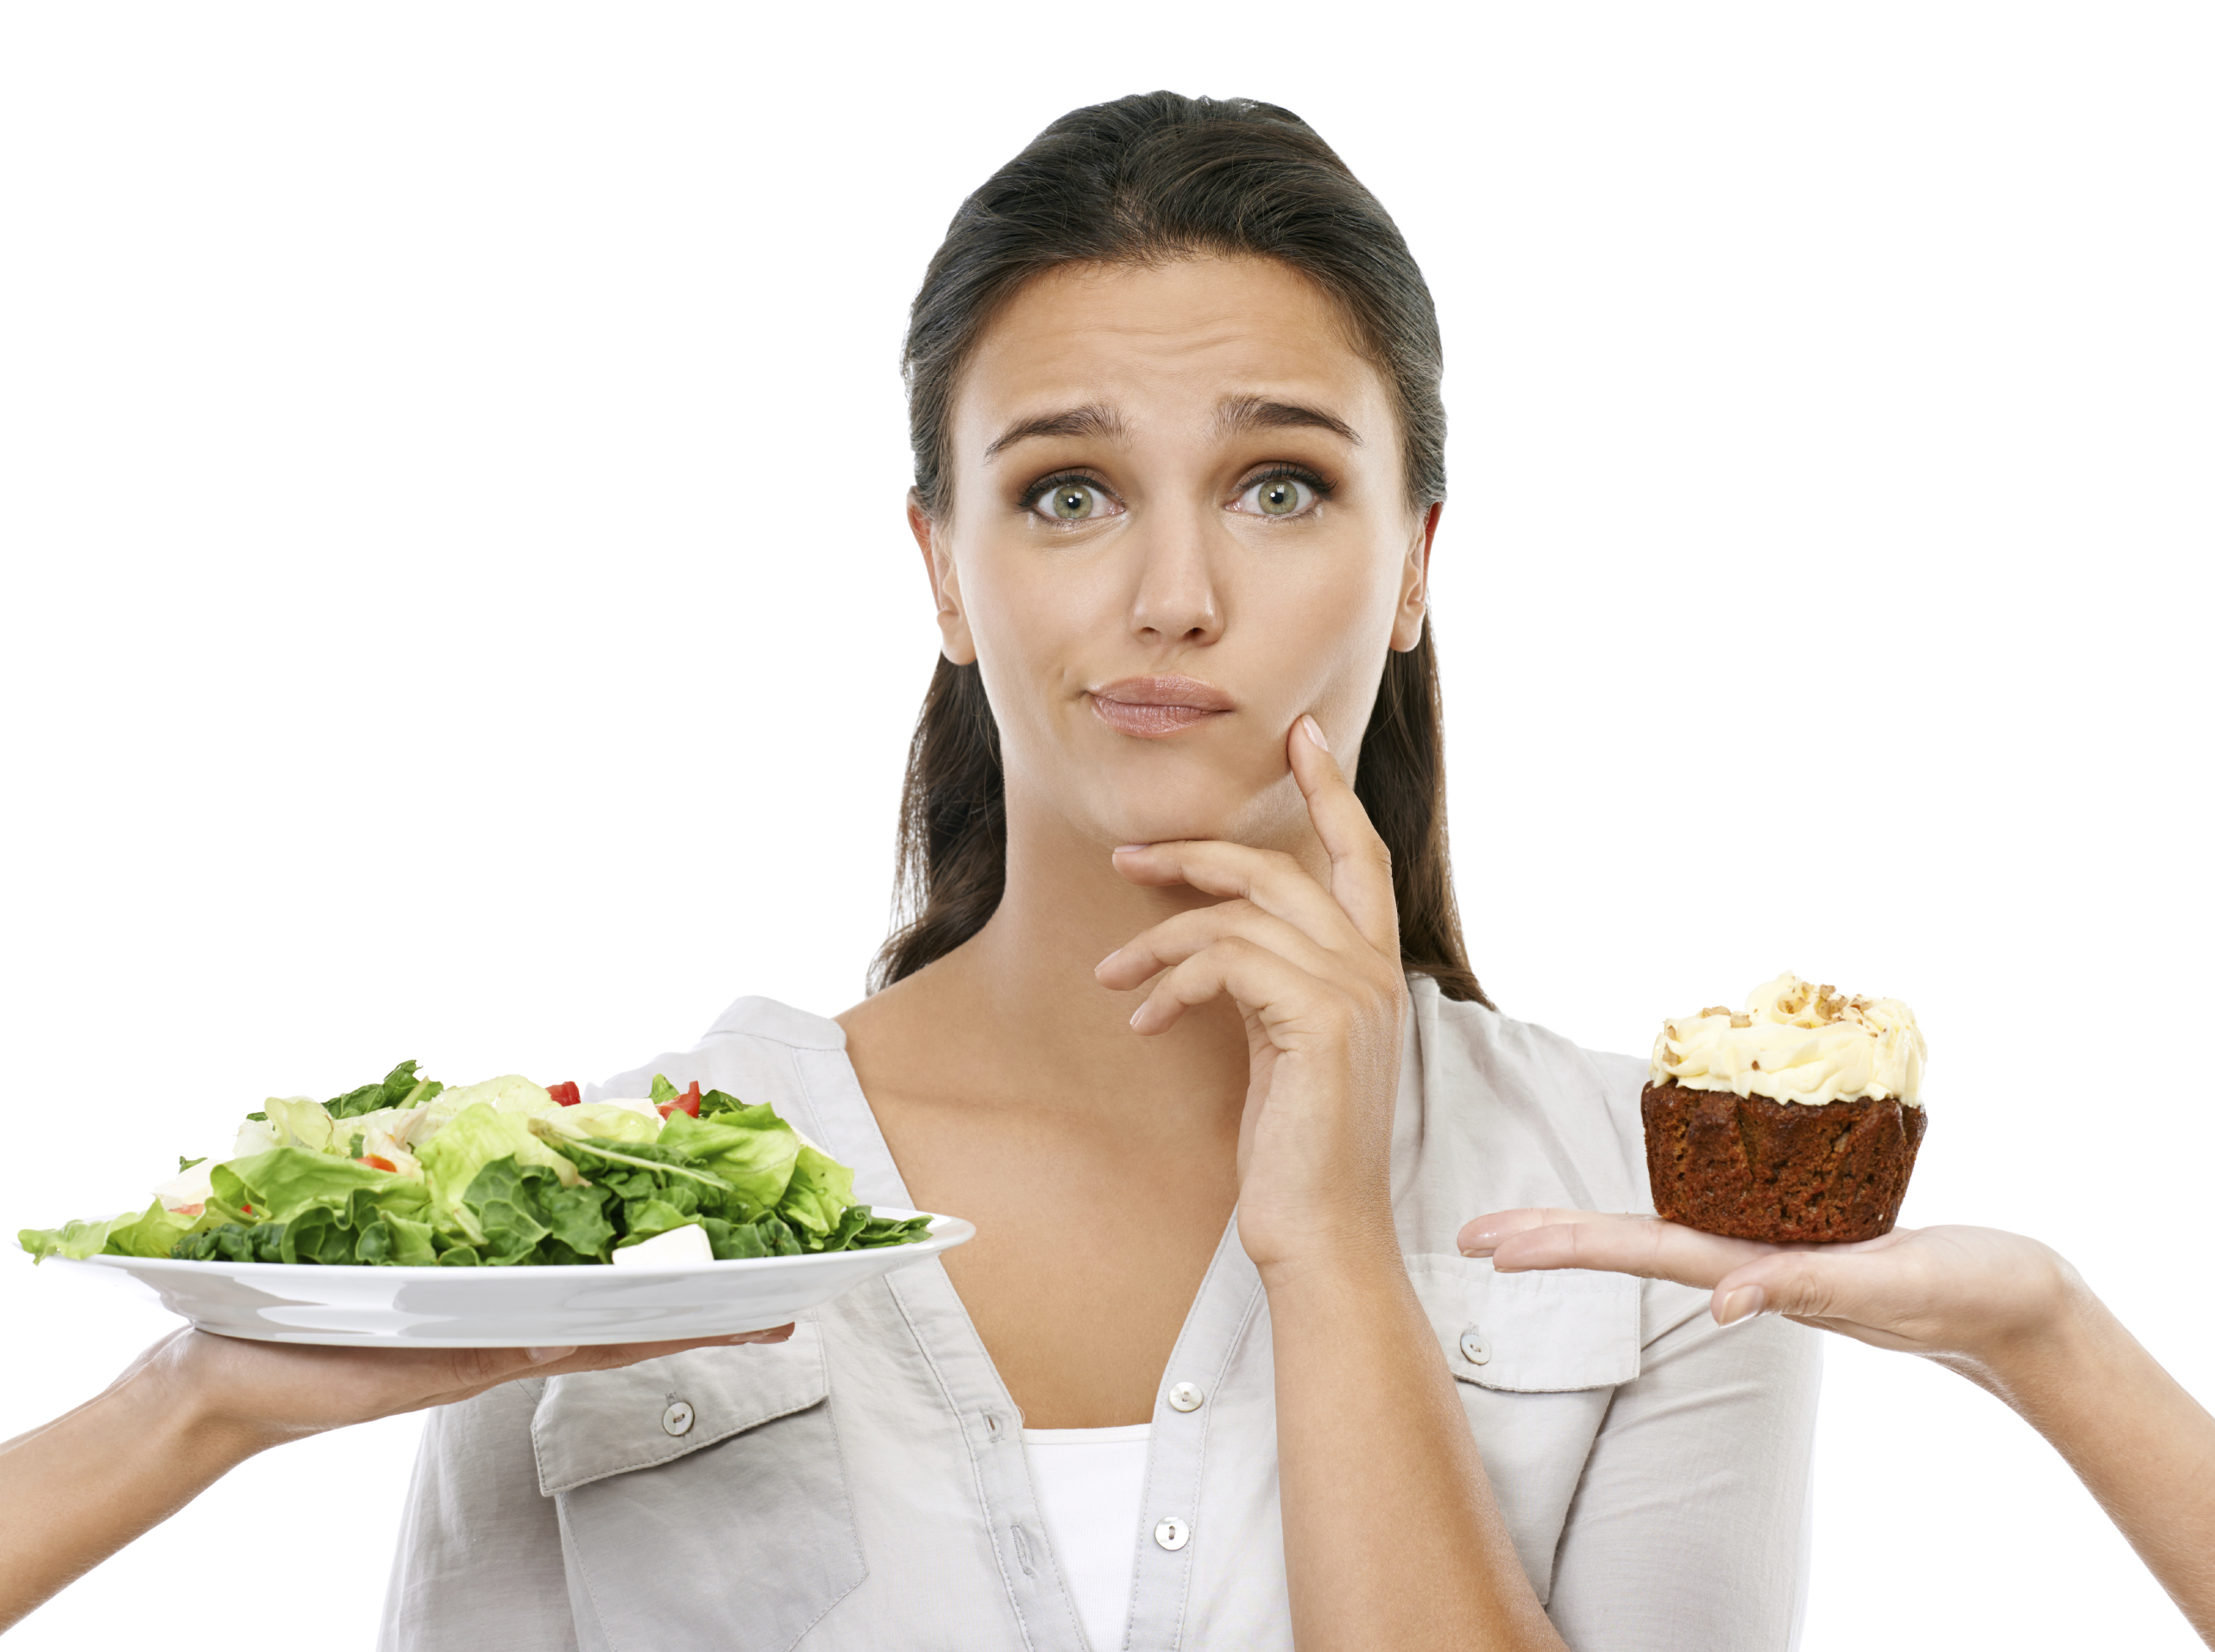 diéta magas vérnyomásban szenvedőknek)